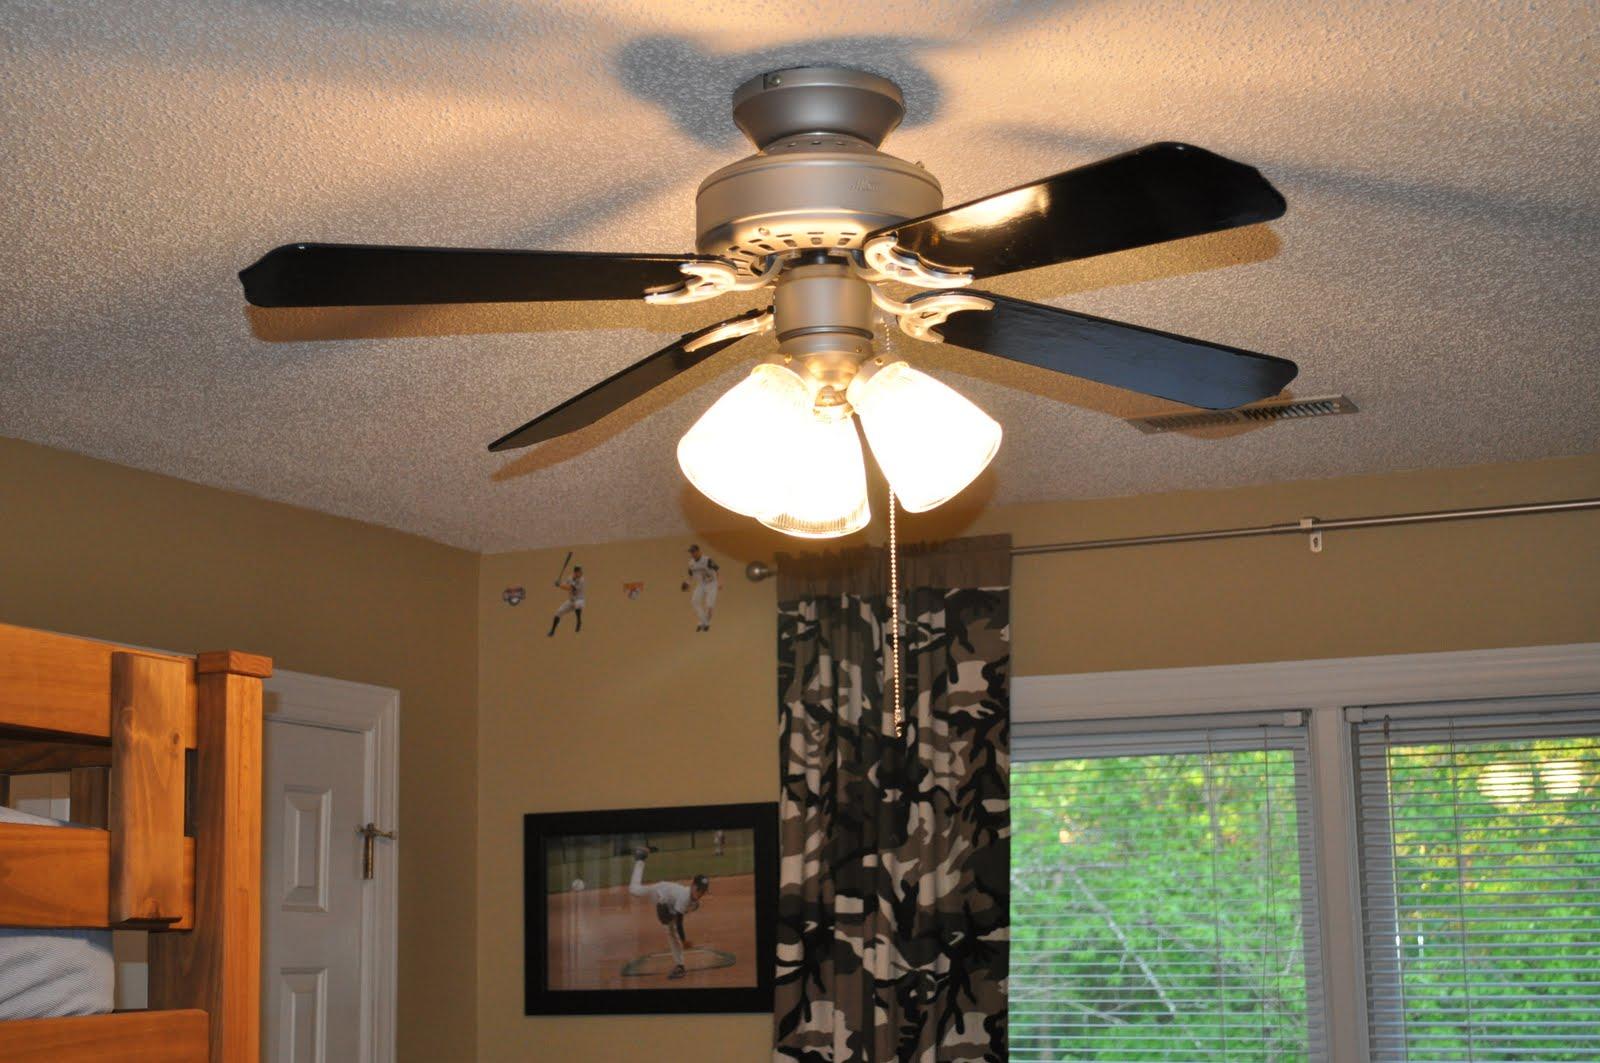 100 zebra ceiling fan best 25 fan blade dragonfly ideas on